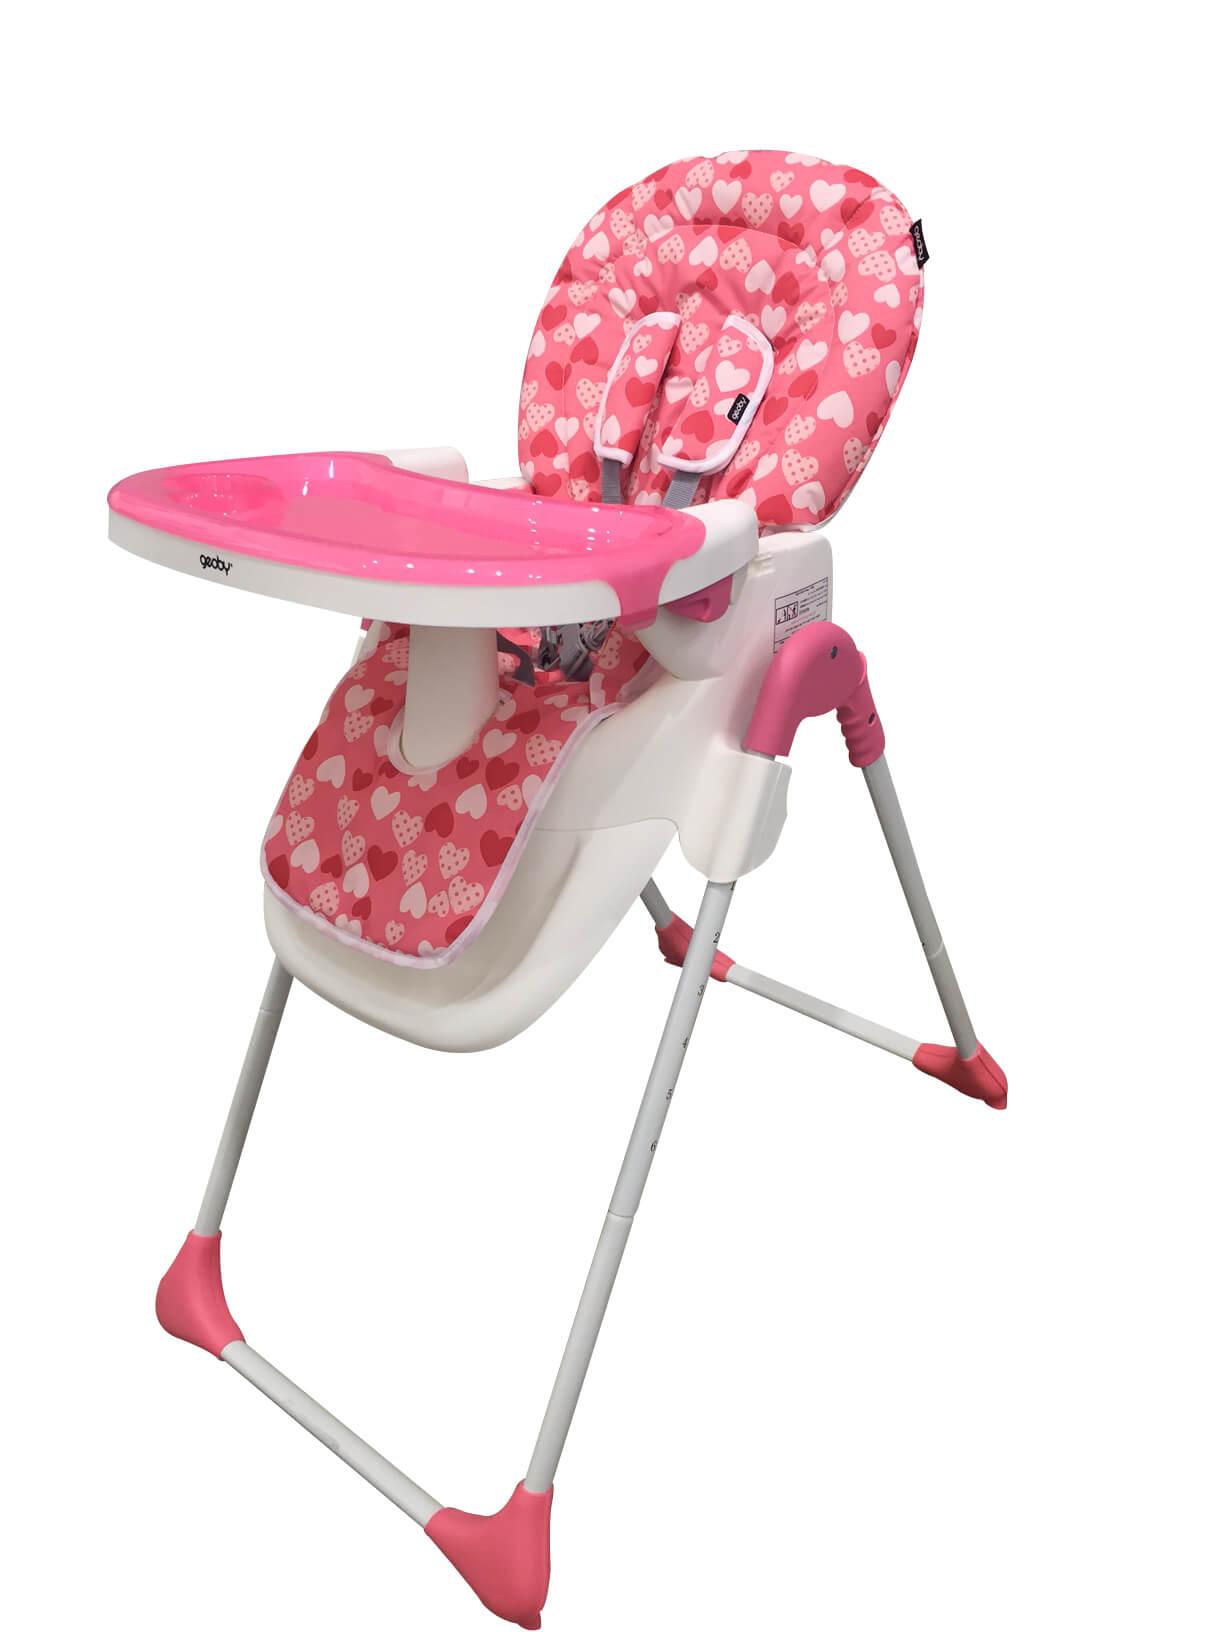 כיסא אוכל לתינוק קומפורטCOMFORT גאוביי GEOBY לבבות